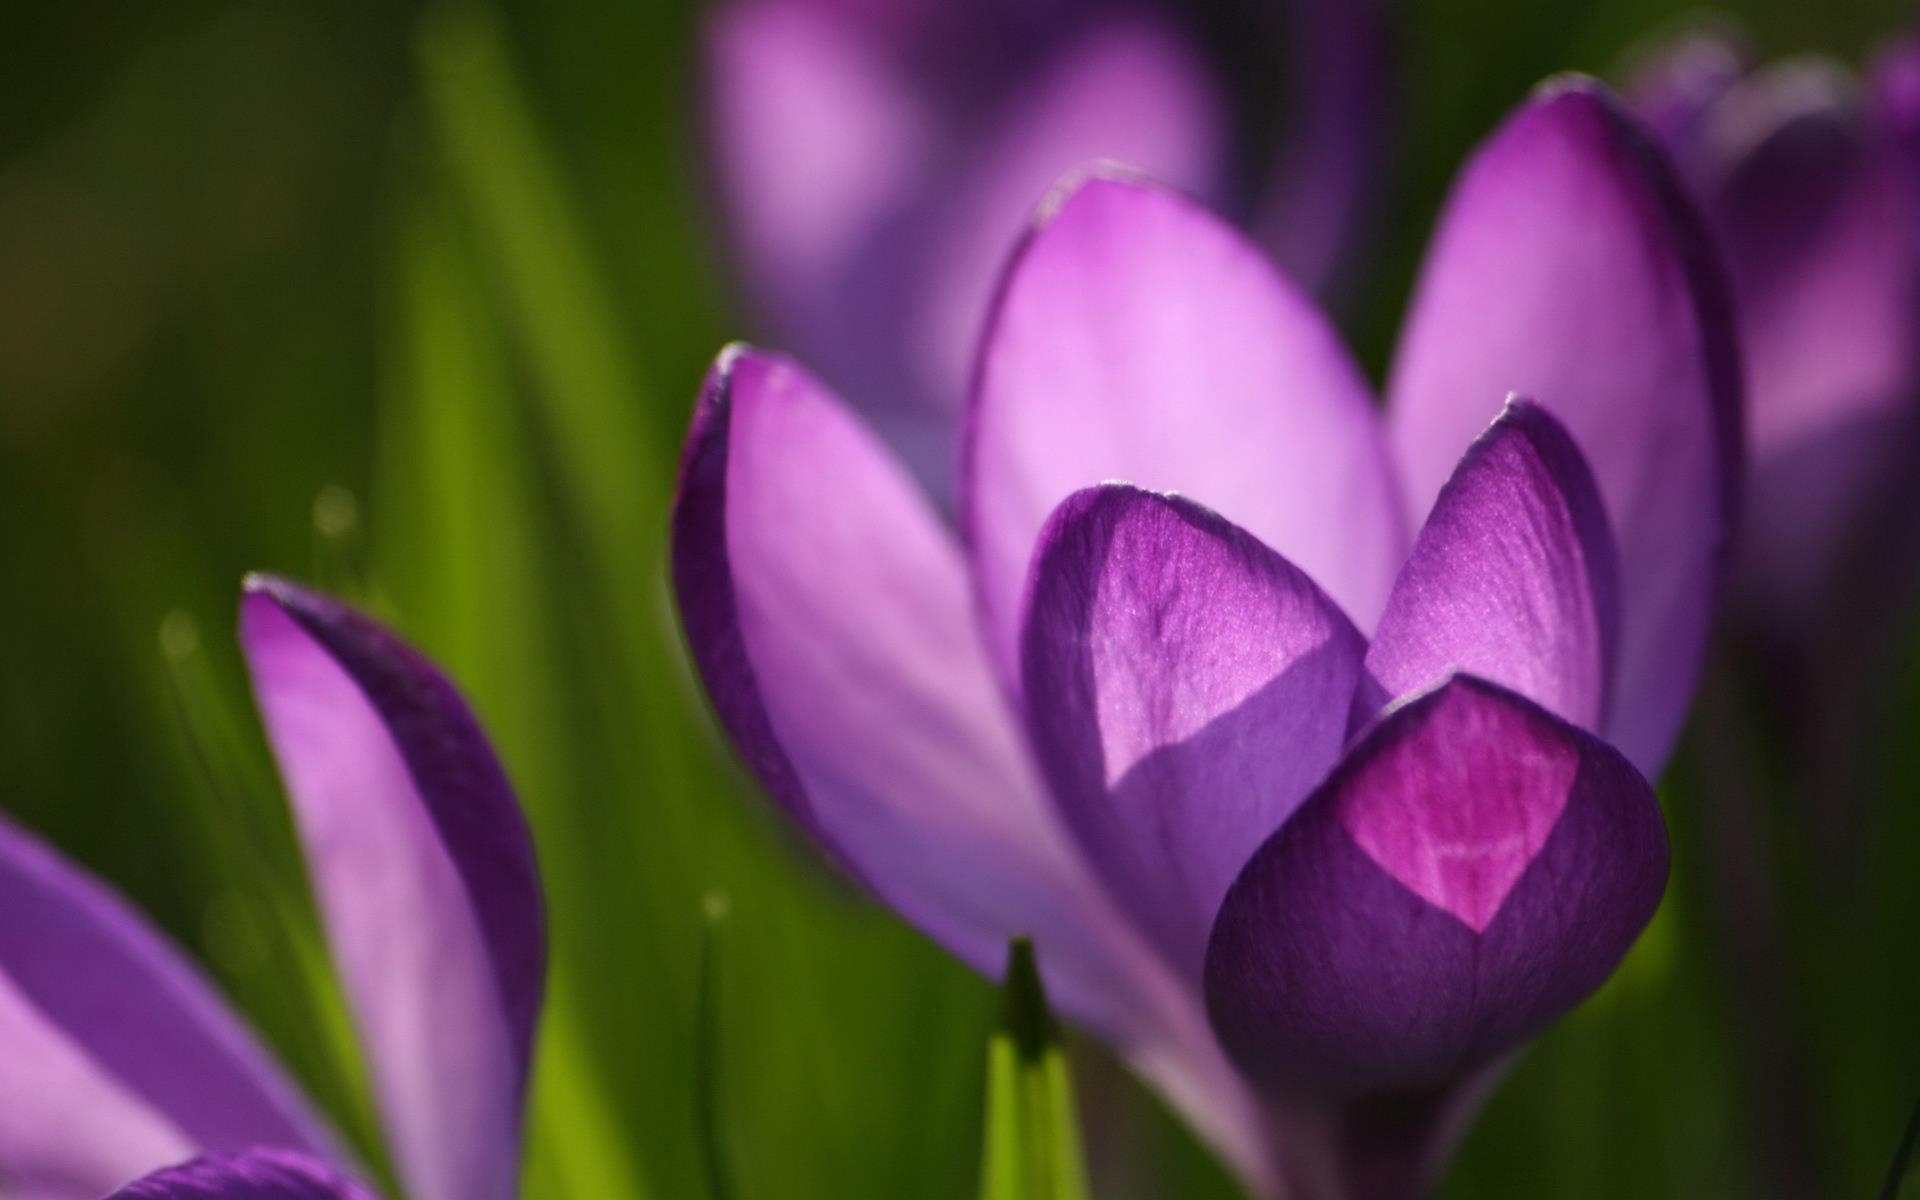 fonds-ecran-nature-et-fleurs-en-grand-format_1